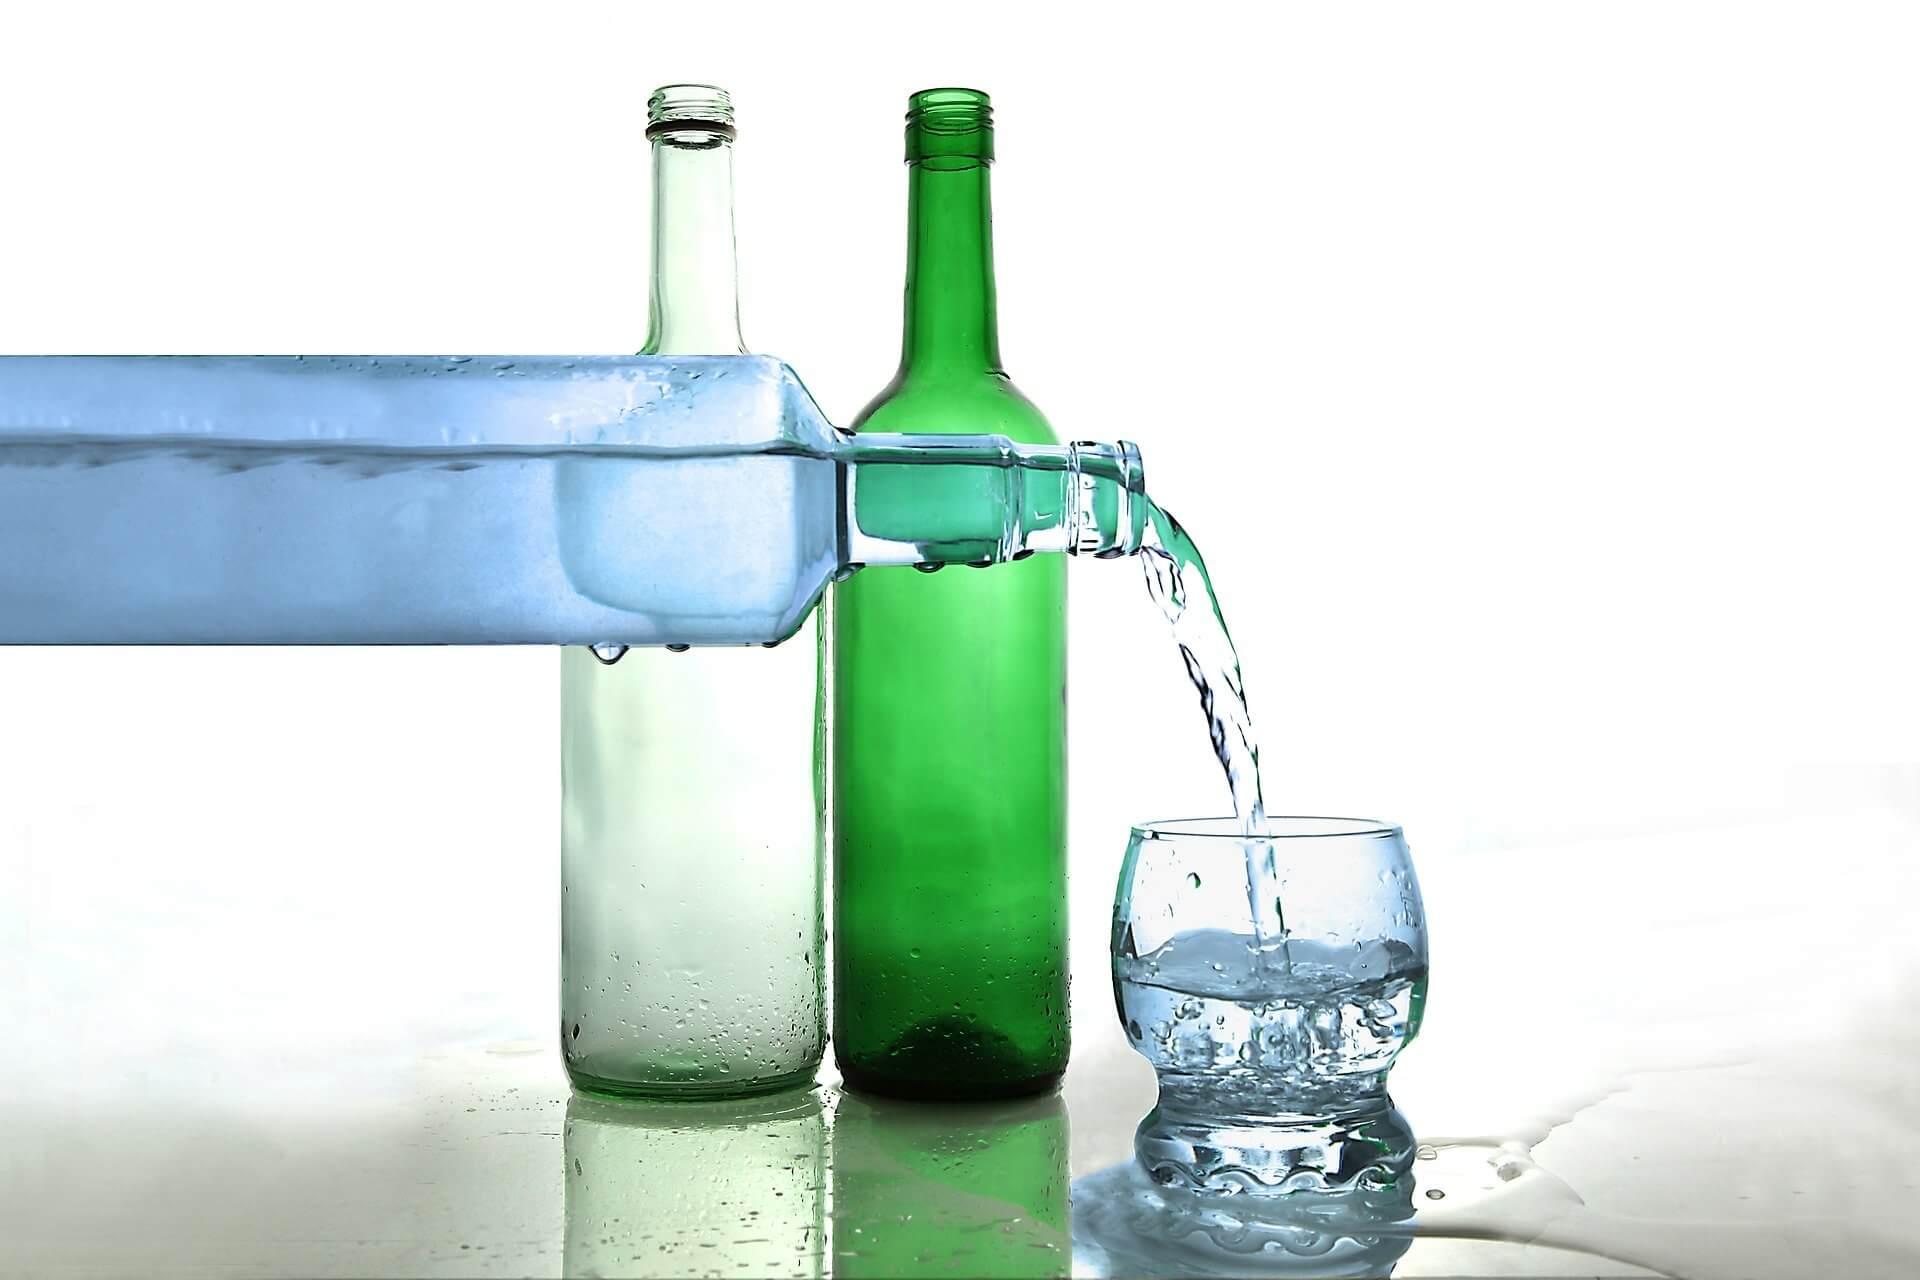 Entwässerung für den Körper – Wie du deinen Körper gesund entwässern kannst